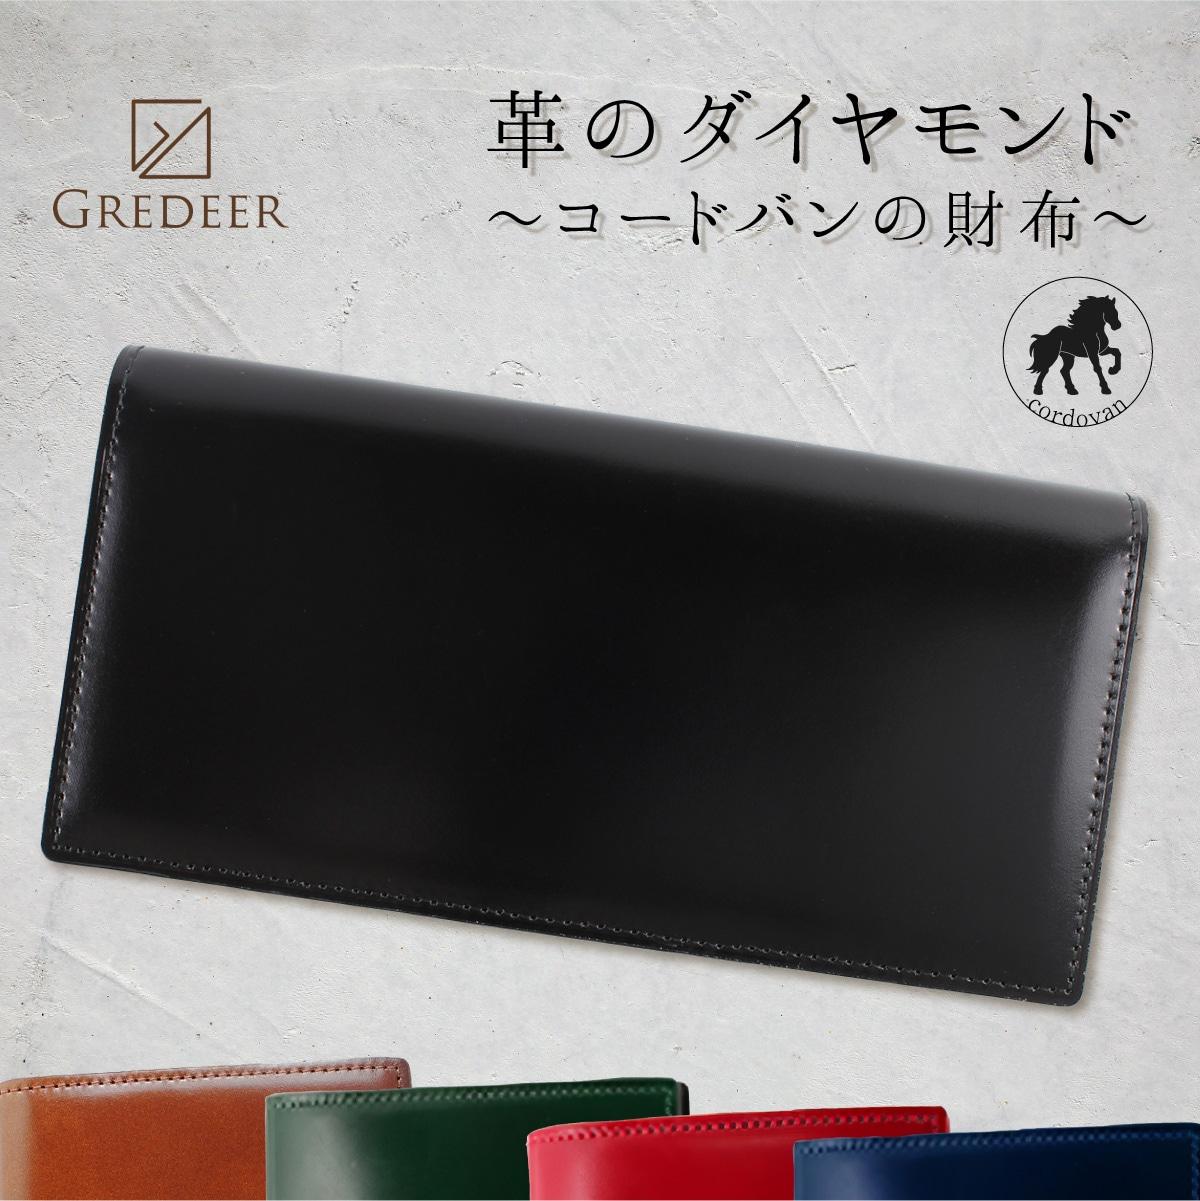 馬革(コードバン)のプレミアム財布 GREDEER コードバン 長財布 【カラー:ブラック】 開運グッズ